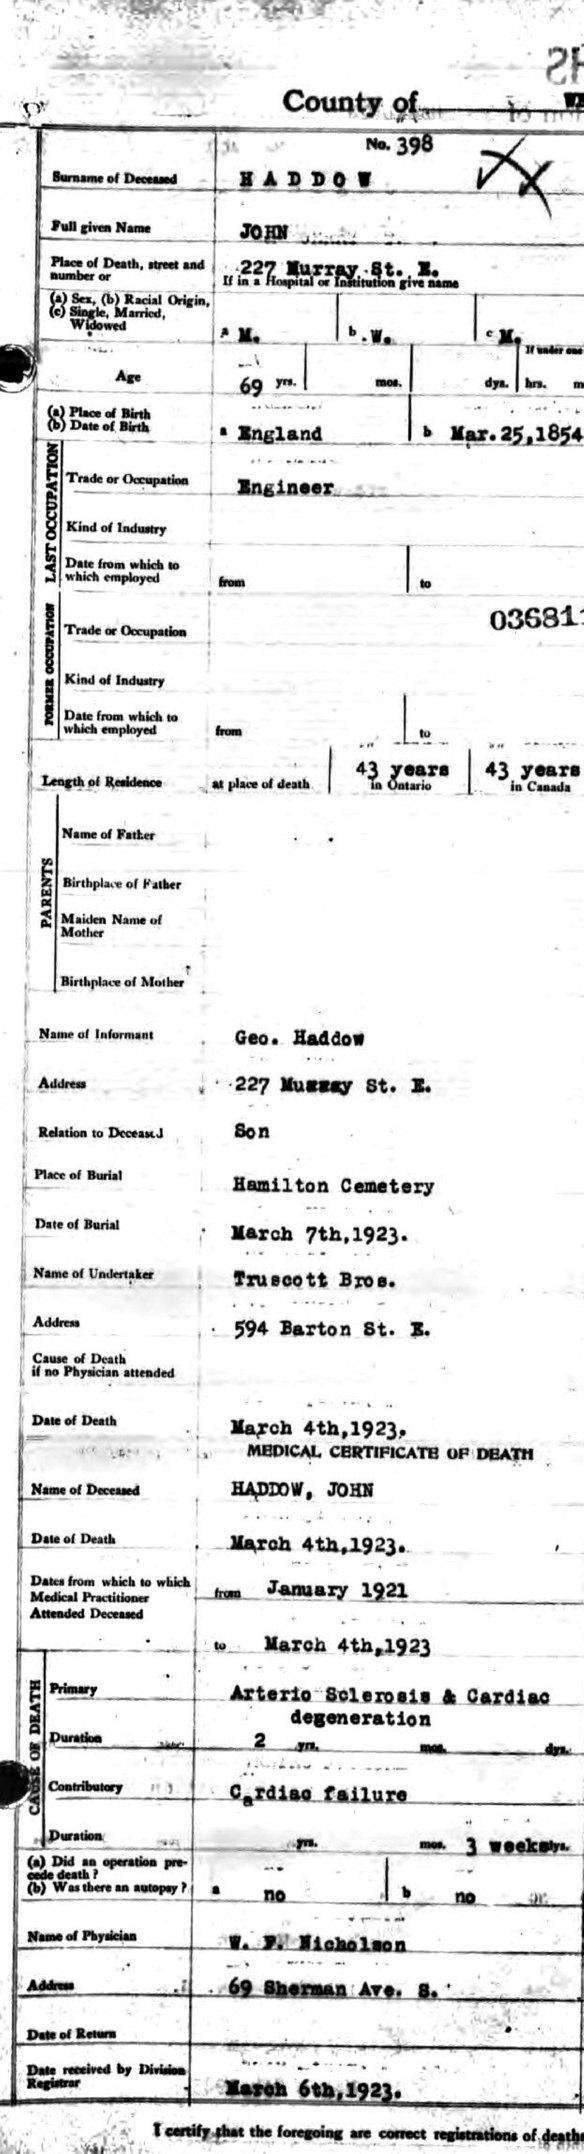 Death Certificate John Haddow